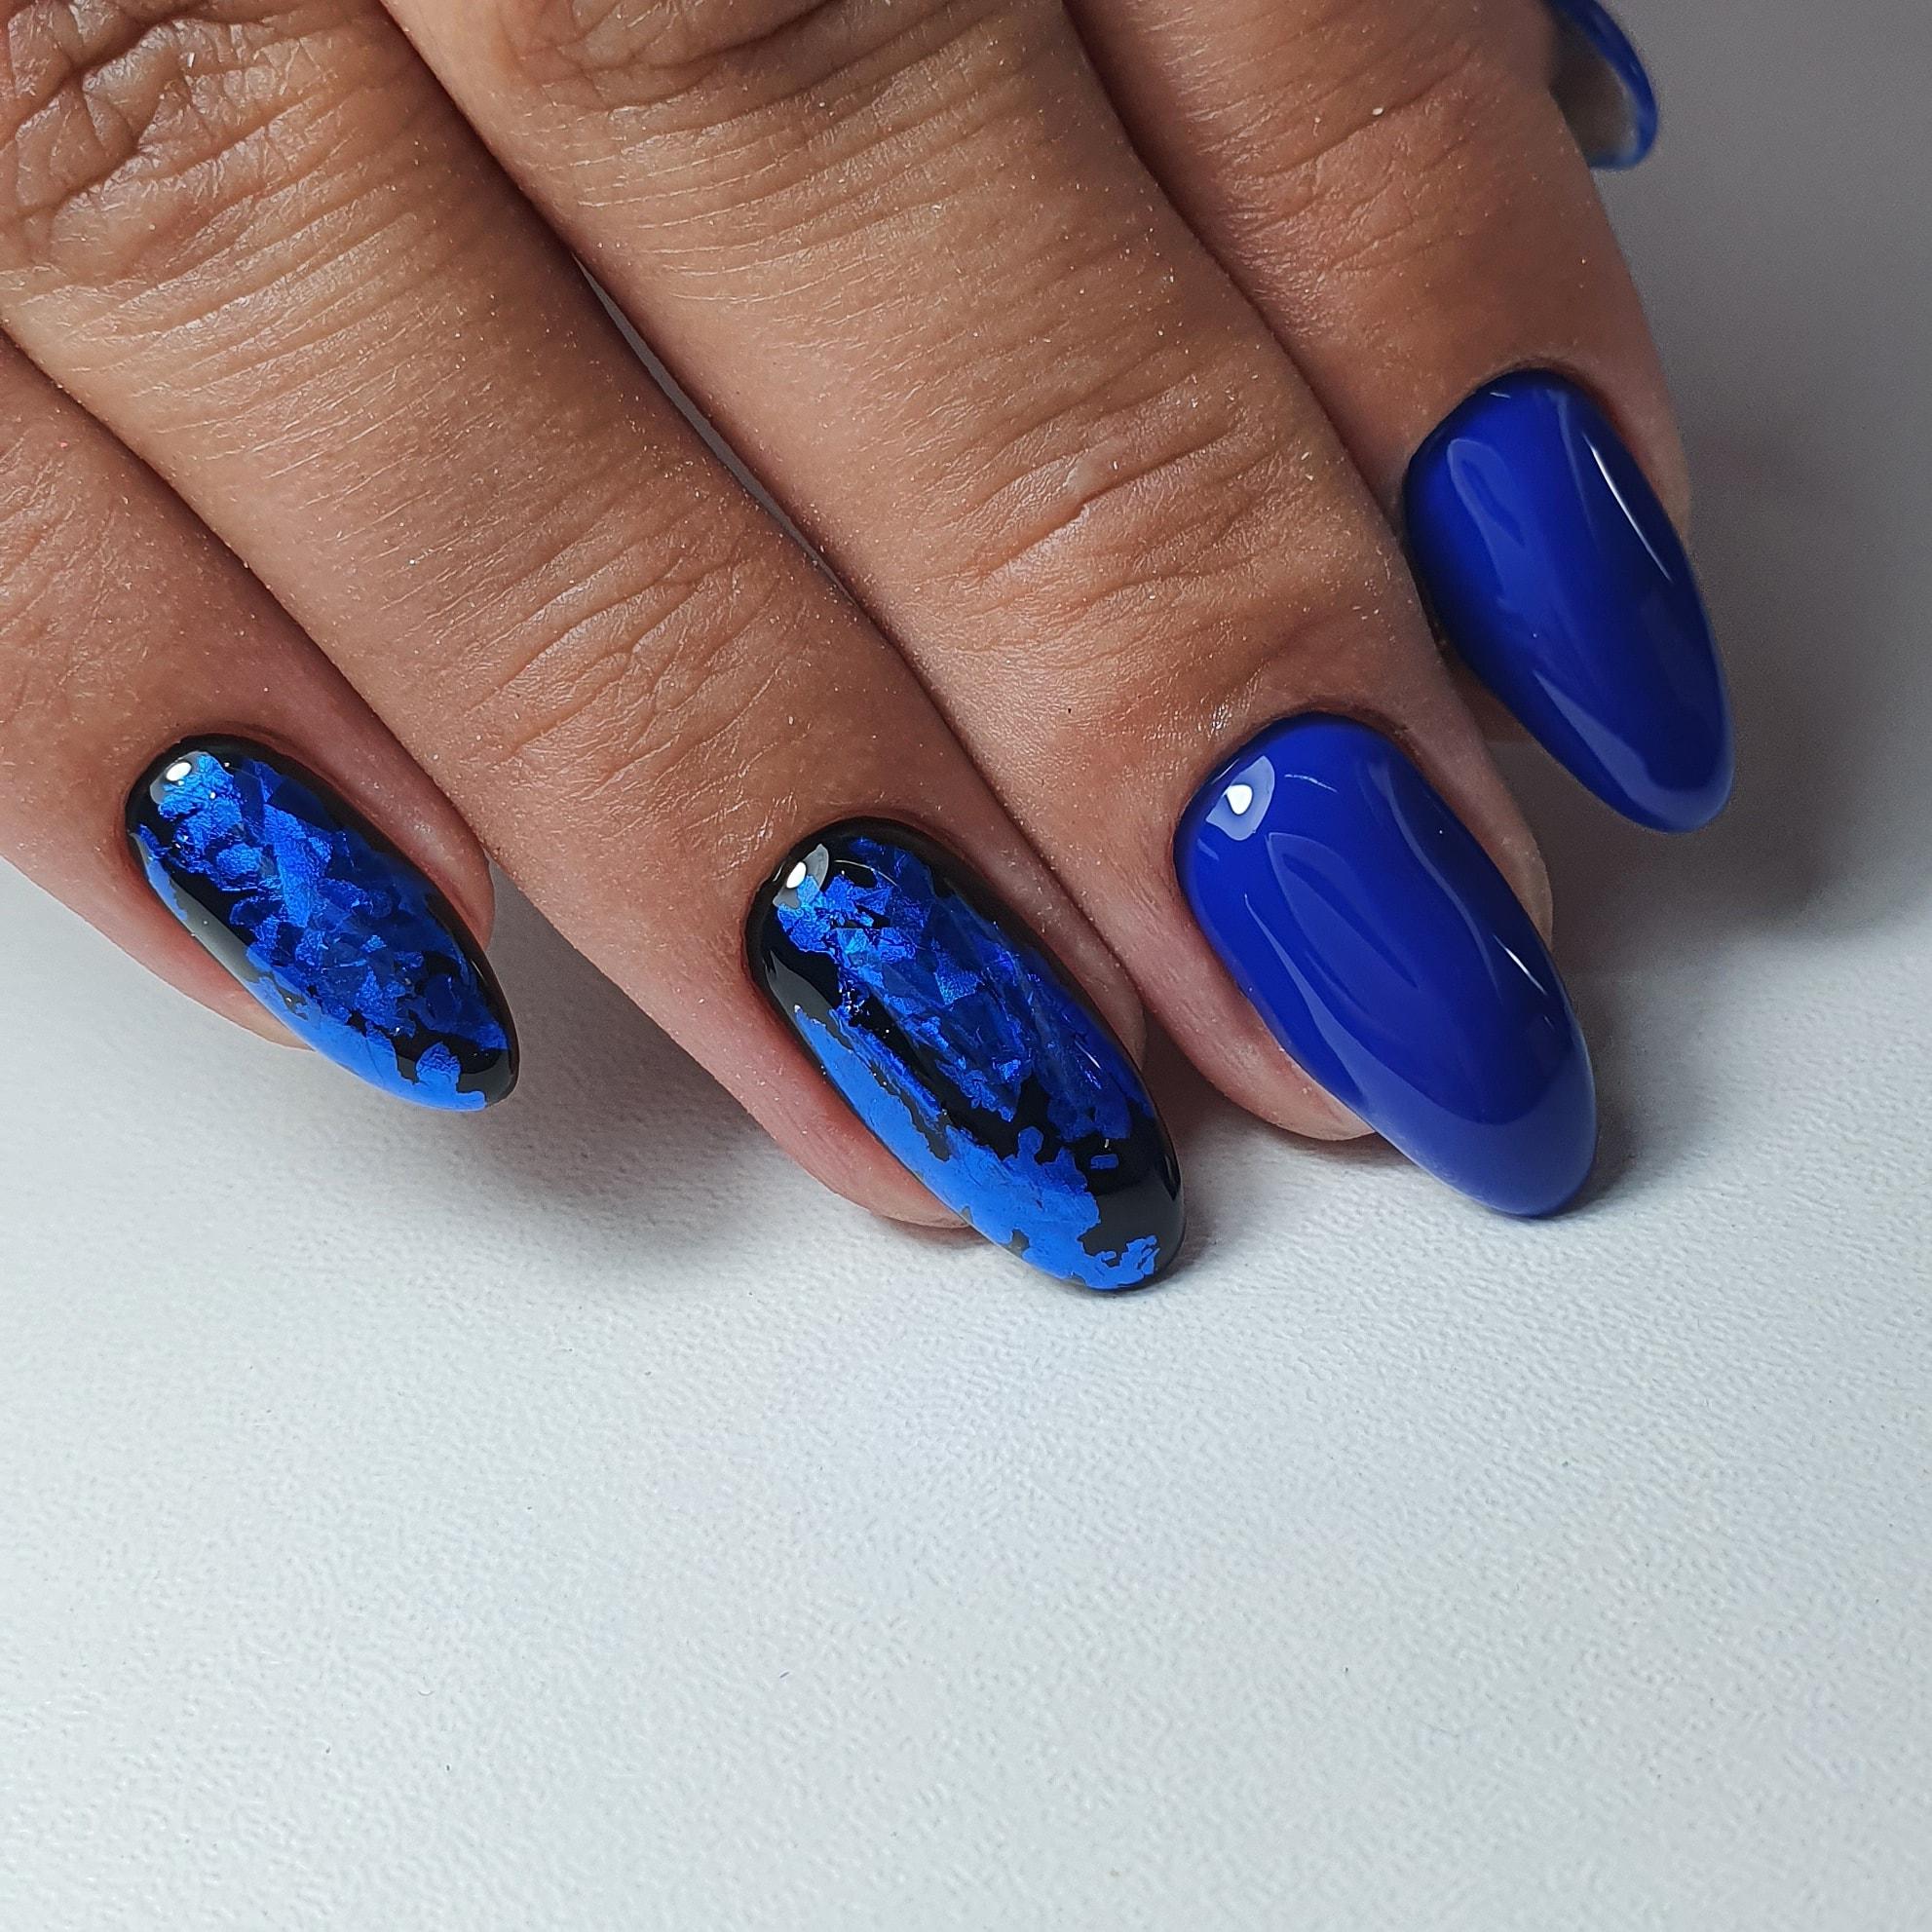 Маникюр с цветной фольгой в синем цвете на длинные ногти.